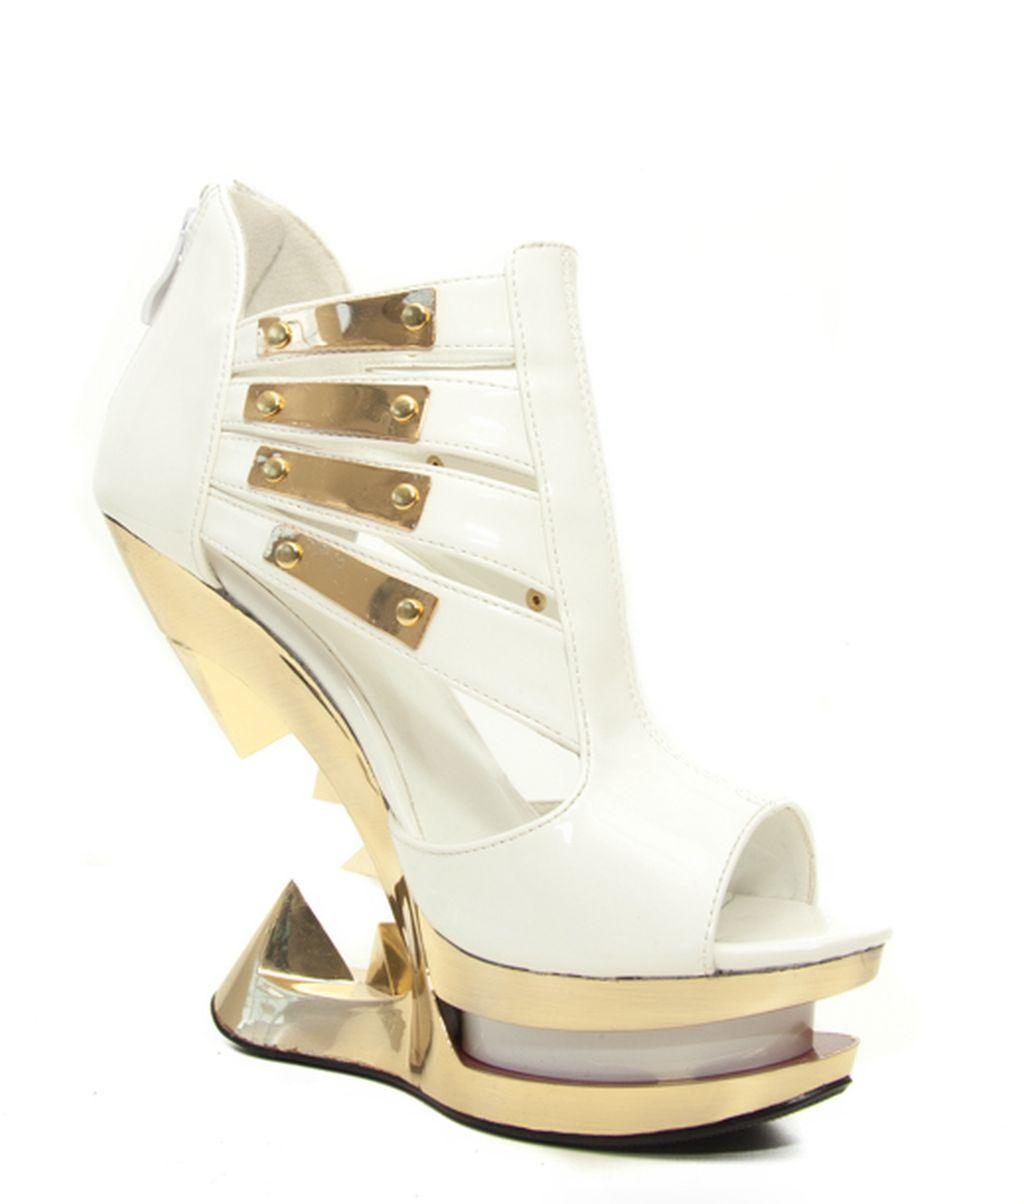 NEBULA Peep Toes Economical, stylish, and eye-catching shoes